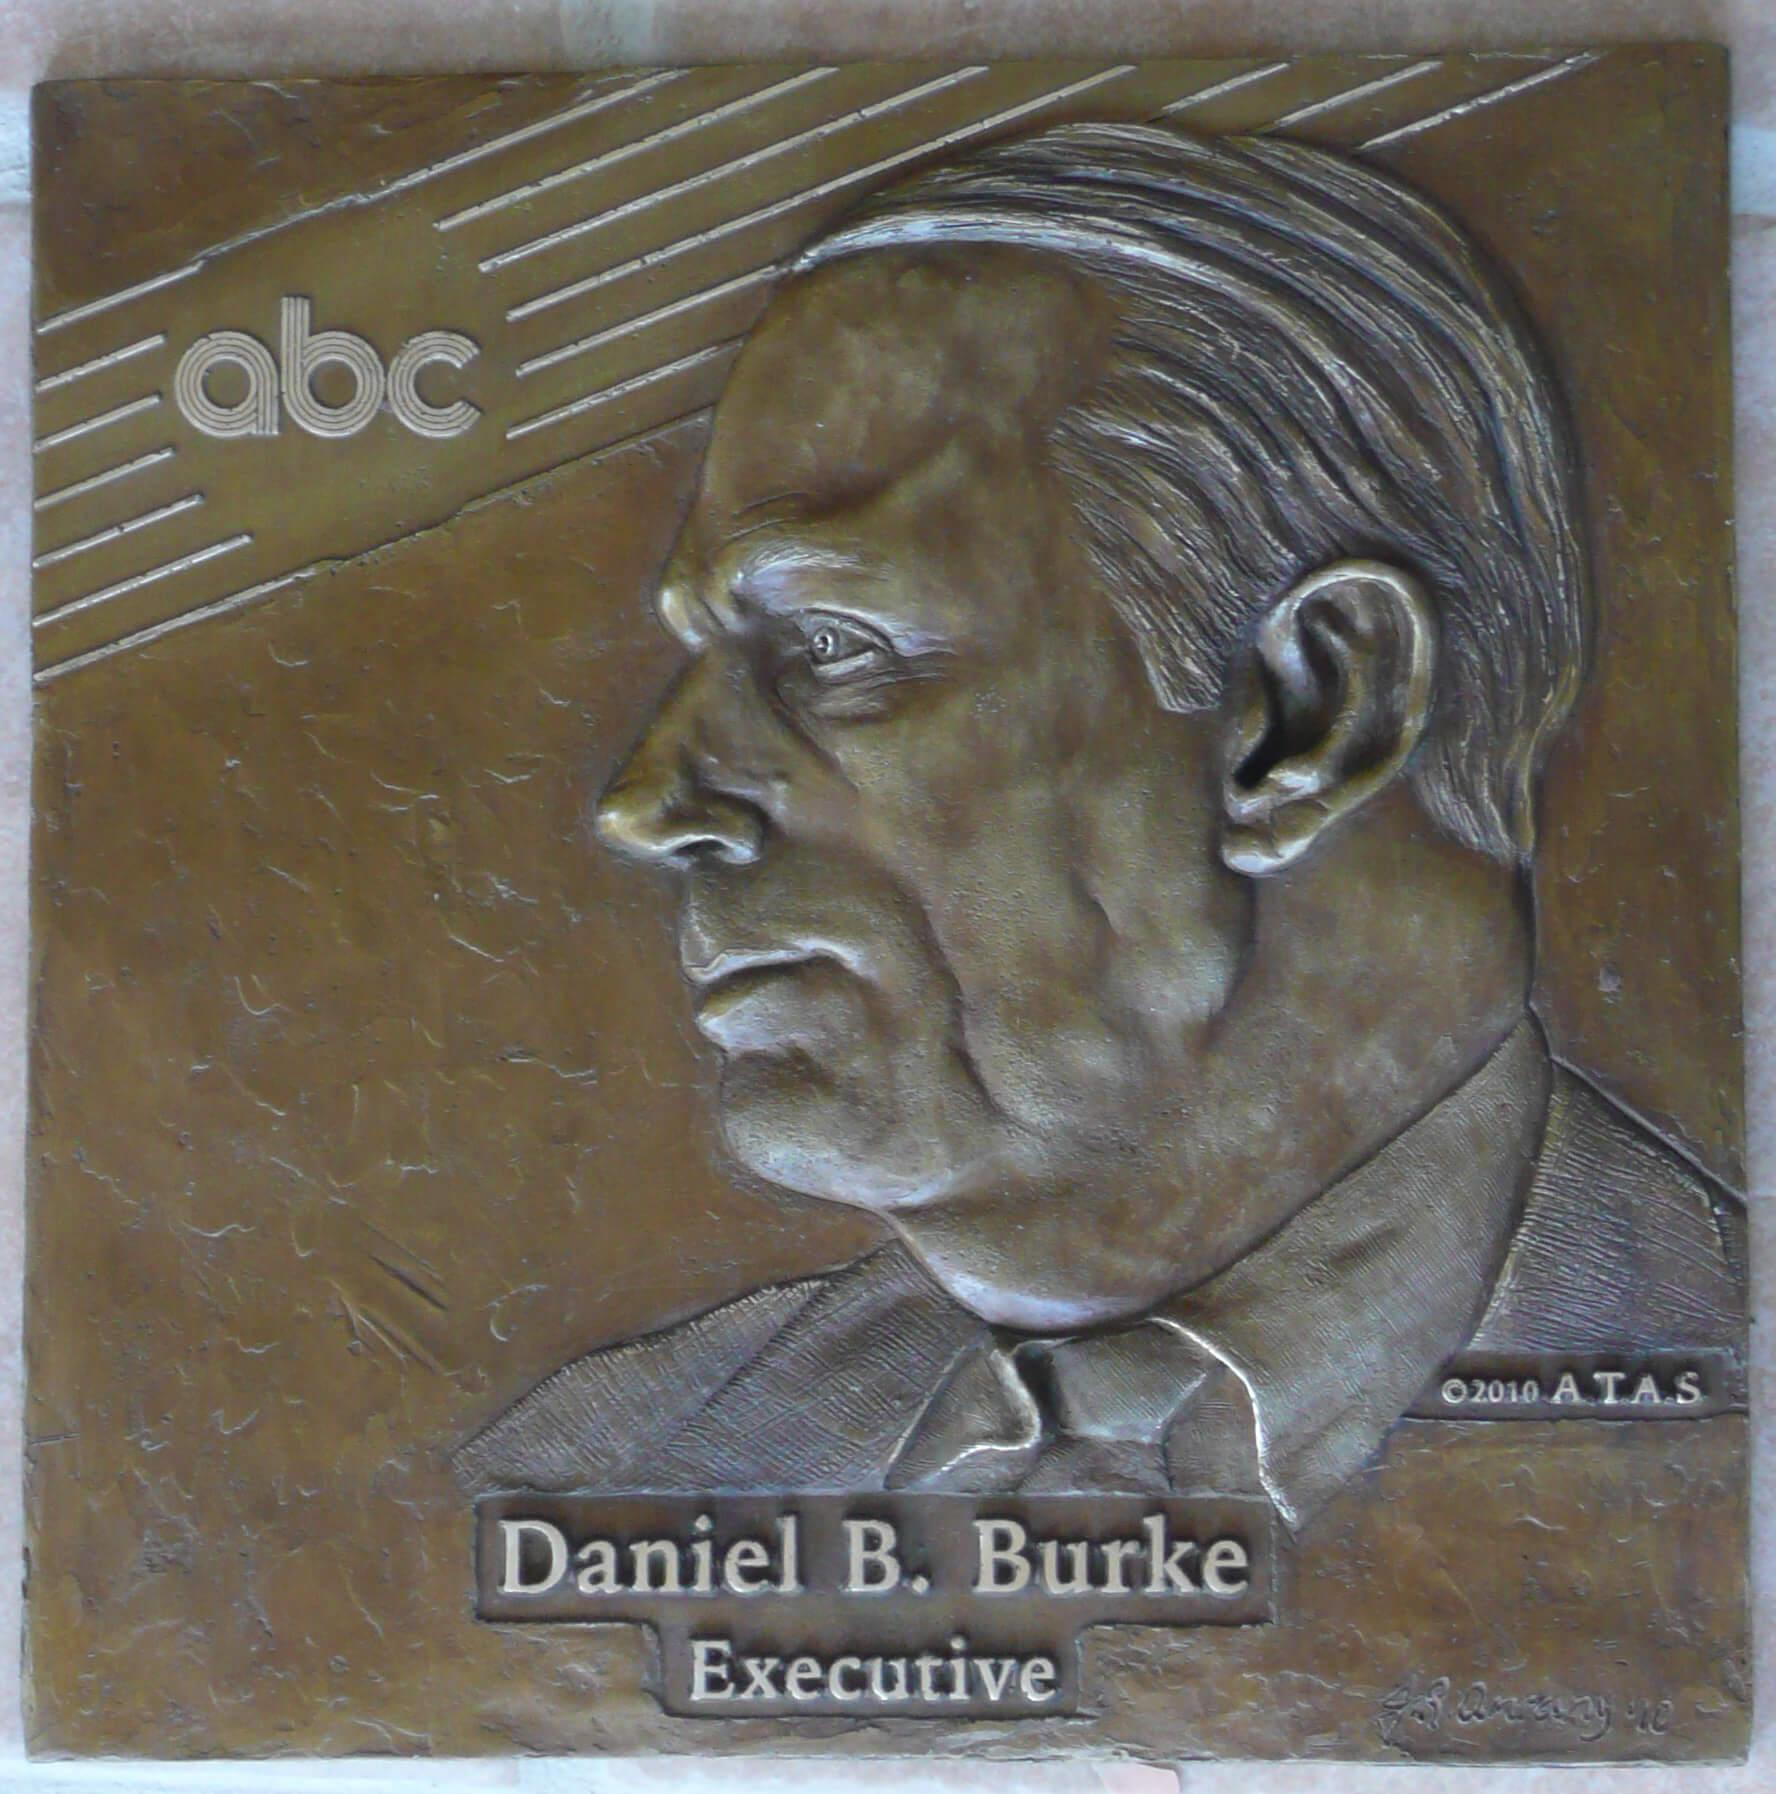 Daniel B. Burke, Academy of Television Arts & Sciences, Los Angeles, CA